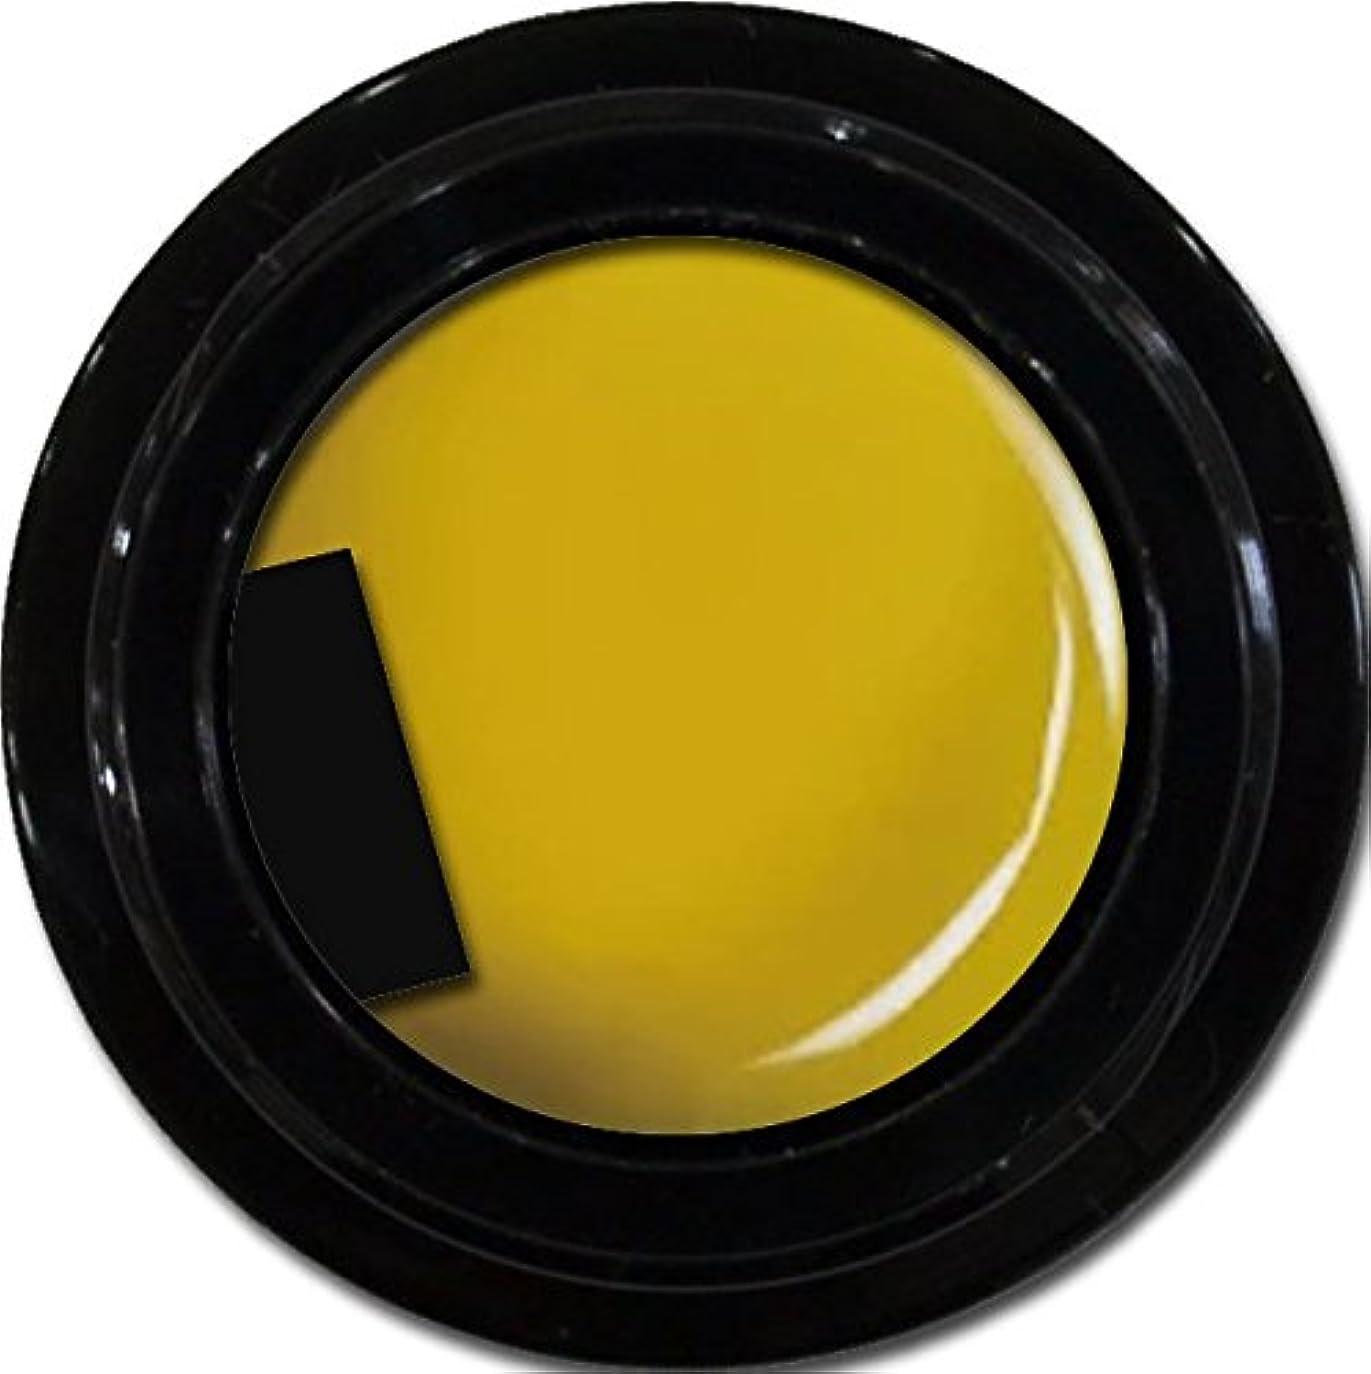 隠免除する切手カラージェル enchant color gel M604 Mustard 3g/ マットカラージェル M604 マスタード 3グラム